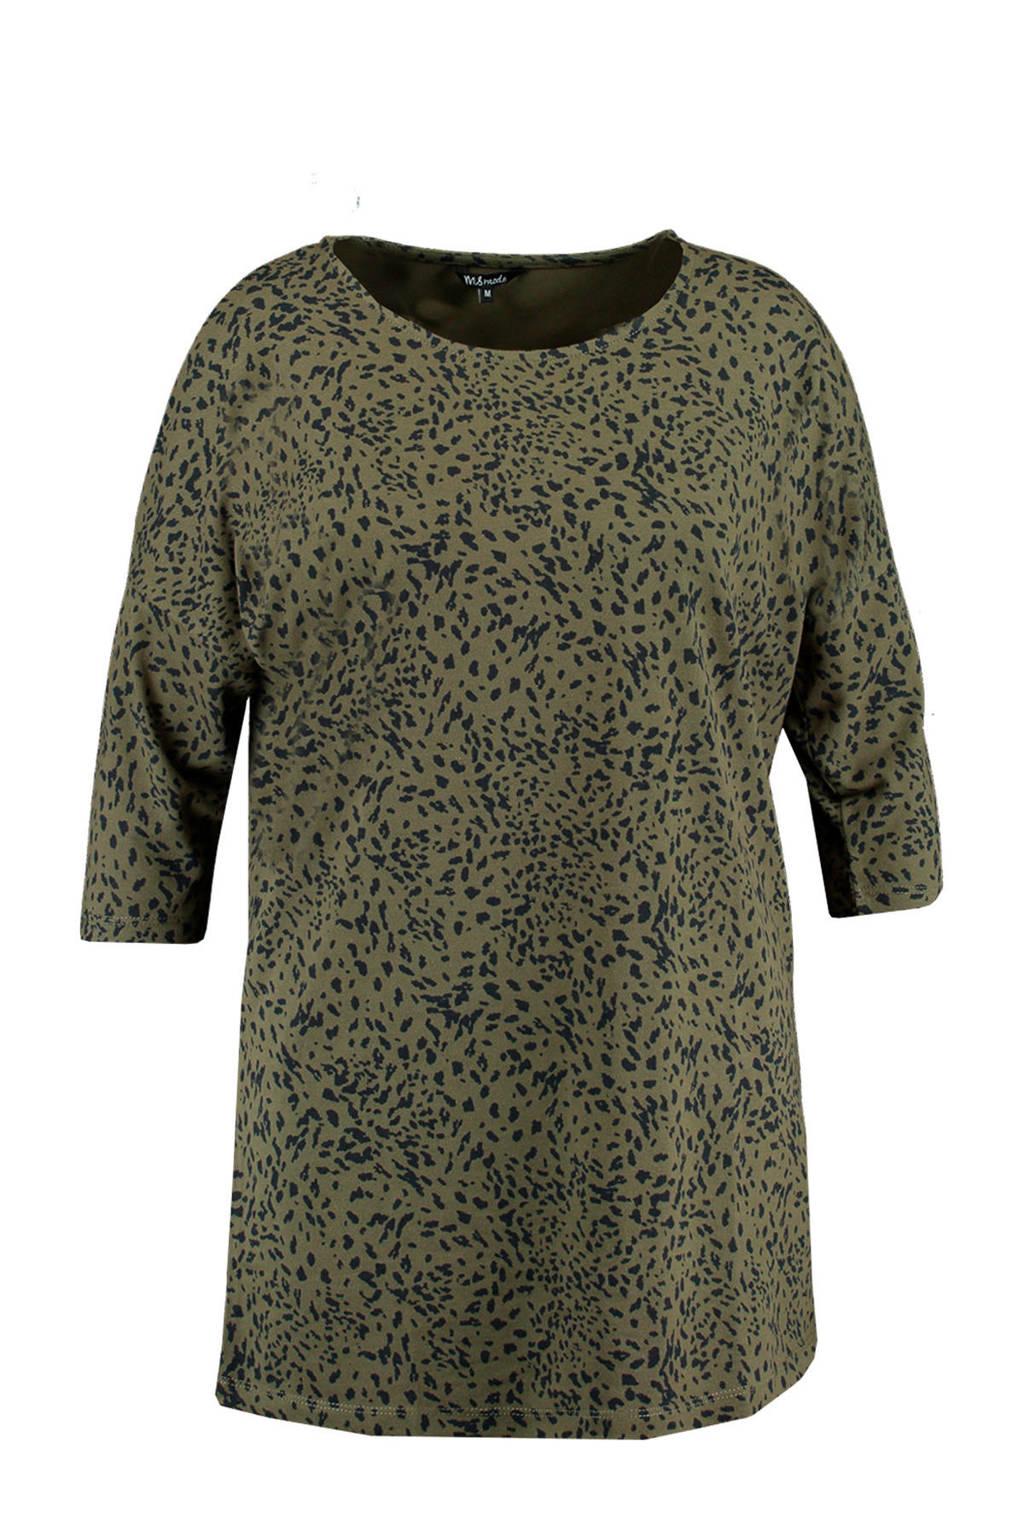 MS Mode T-shirt met all over print groen/zwart, Groen/zwart